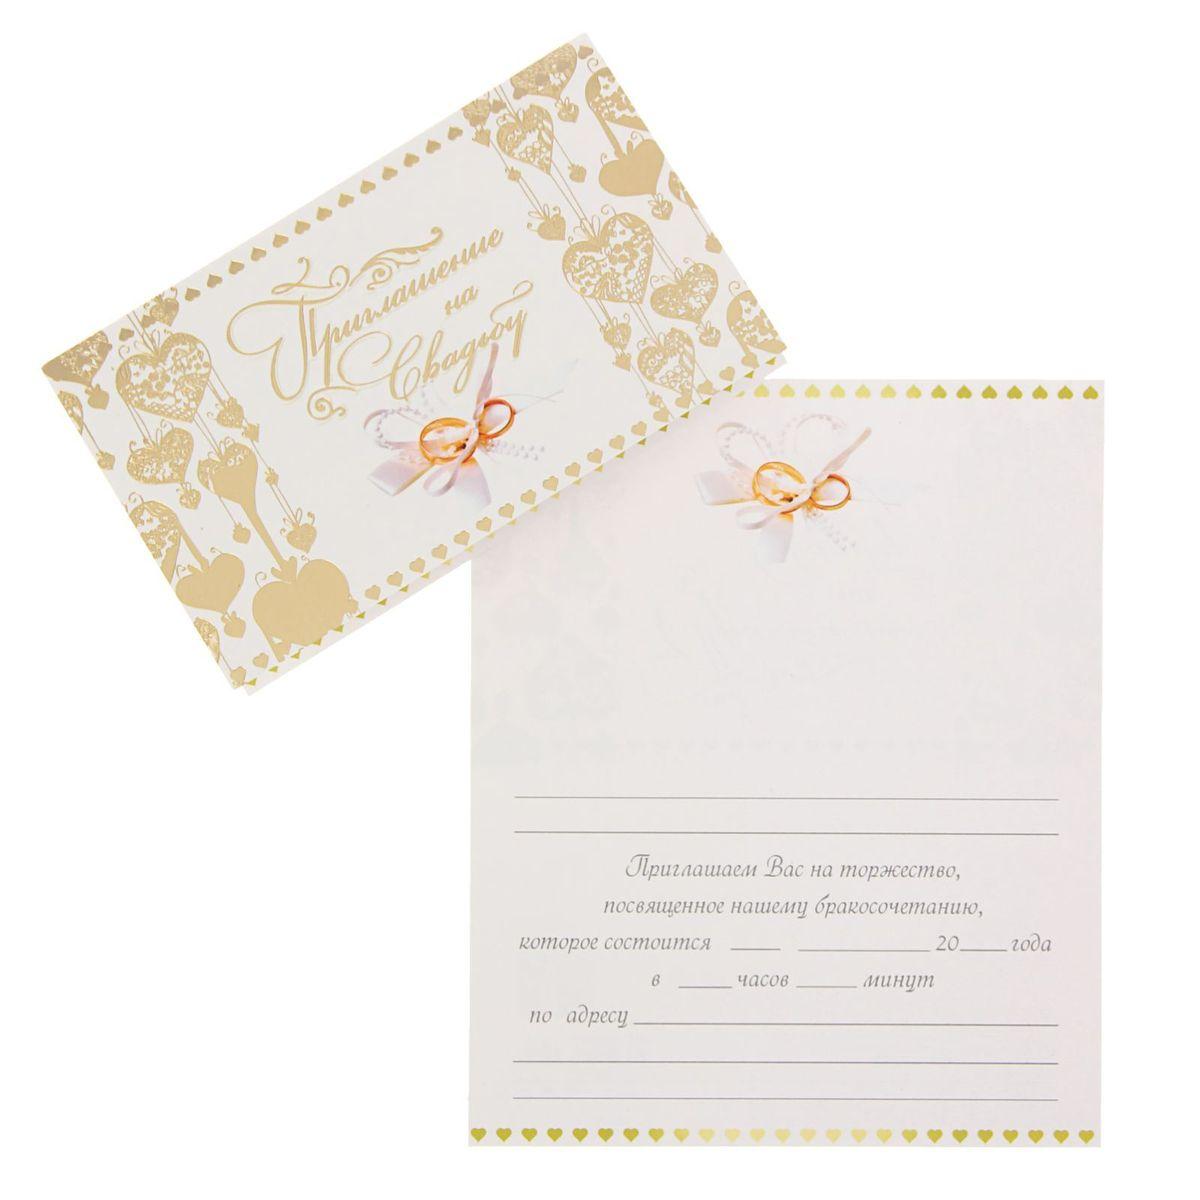 Русский дизайн Приглашение на свадьбу! кольца 1196424